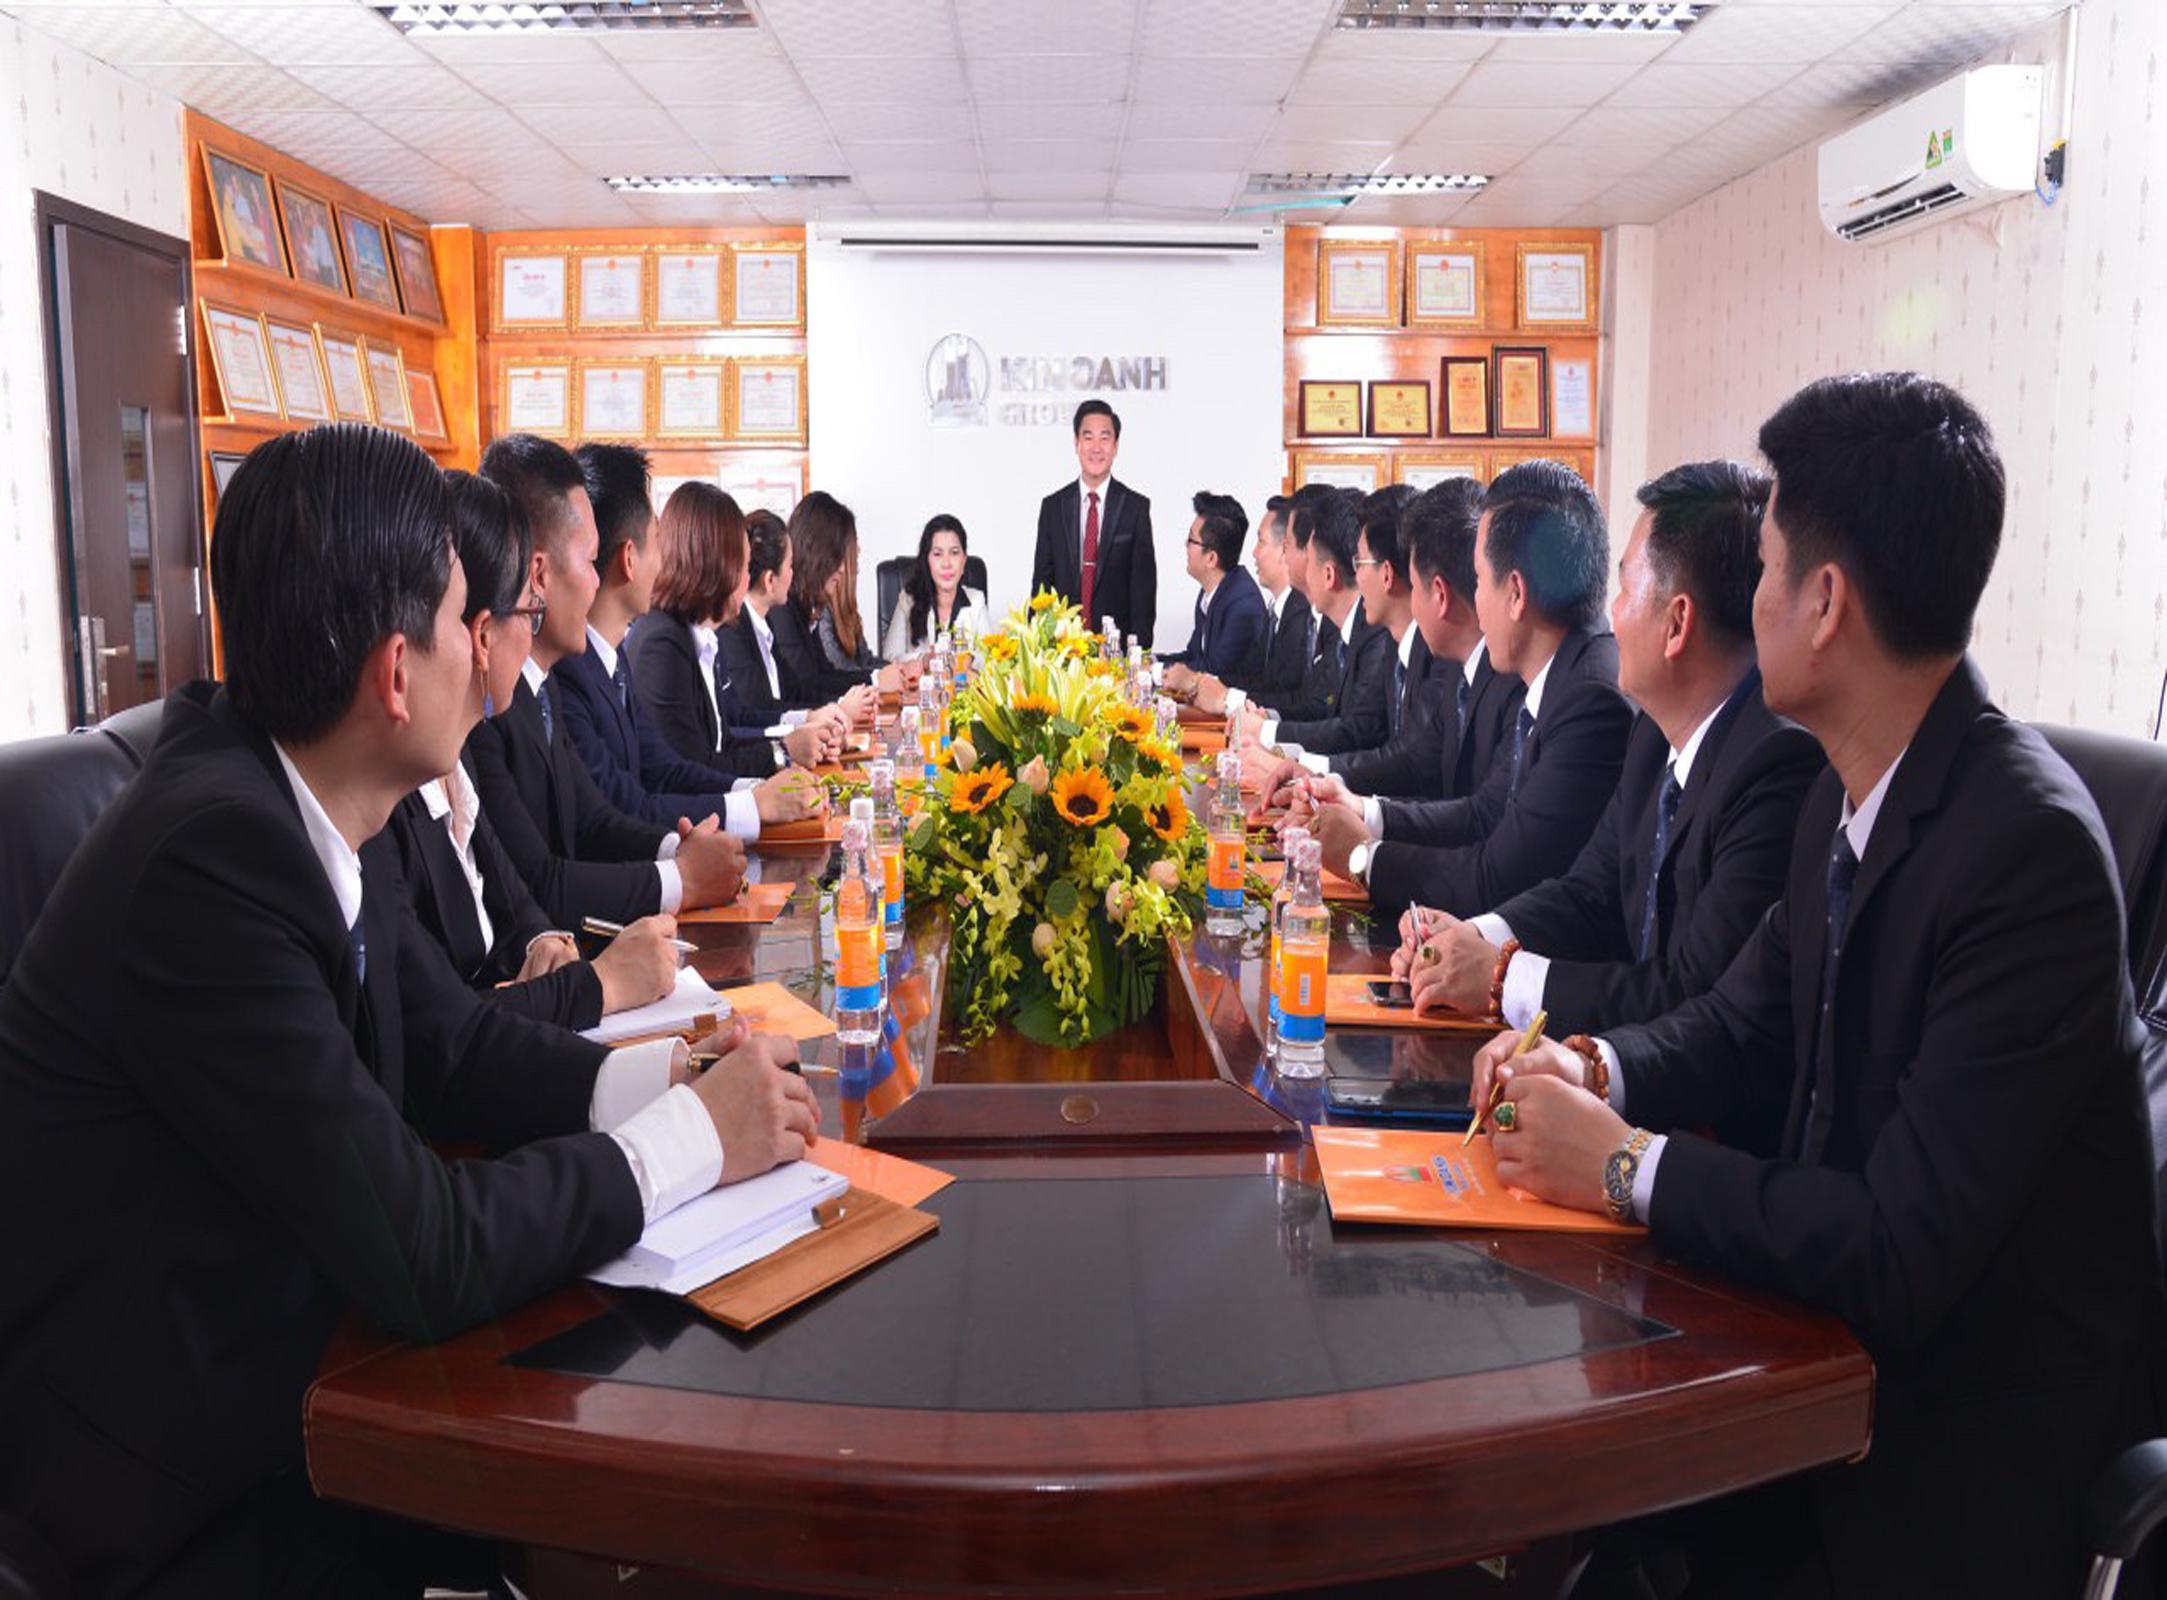 Đào tạo lãnh đạo Tập đoàn Kim Oanh